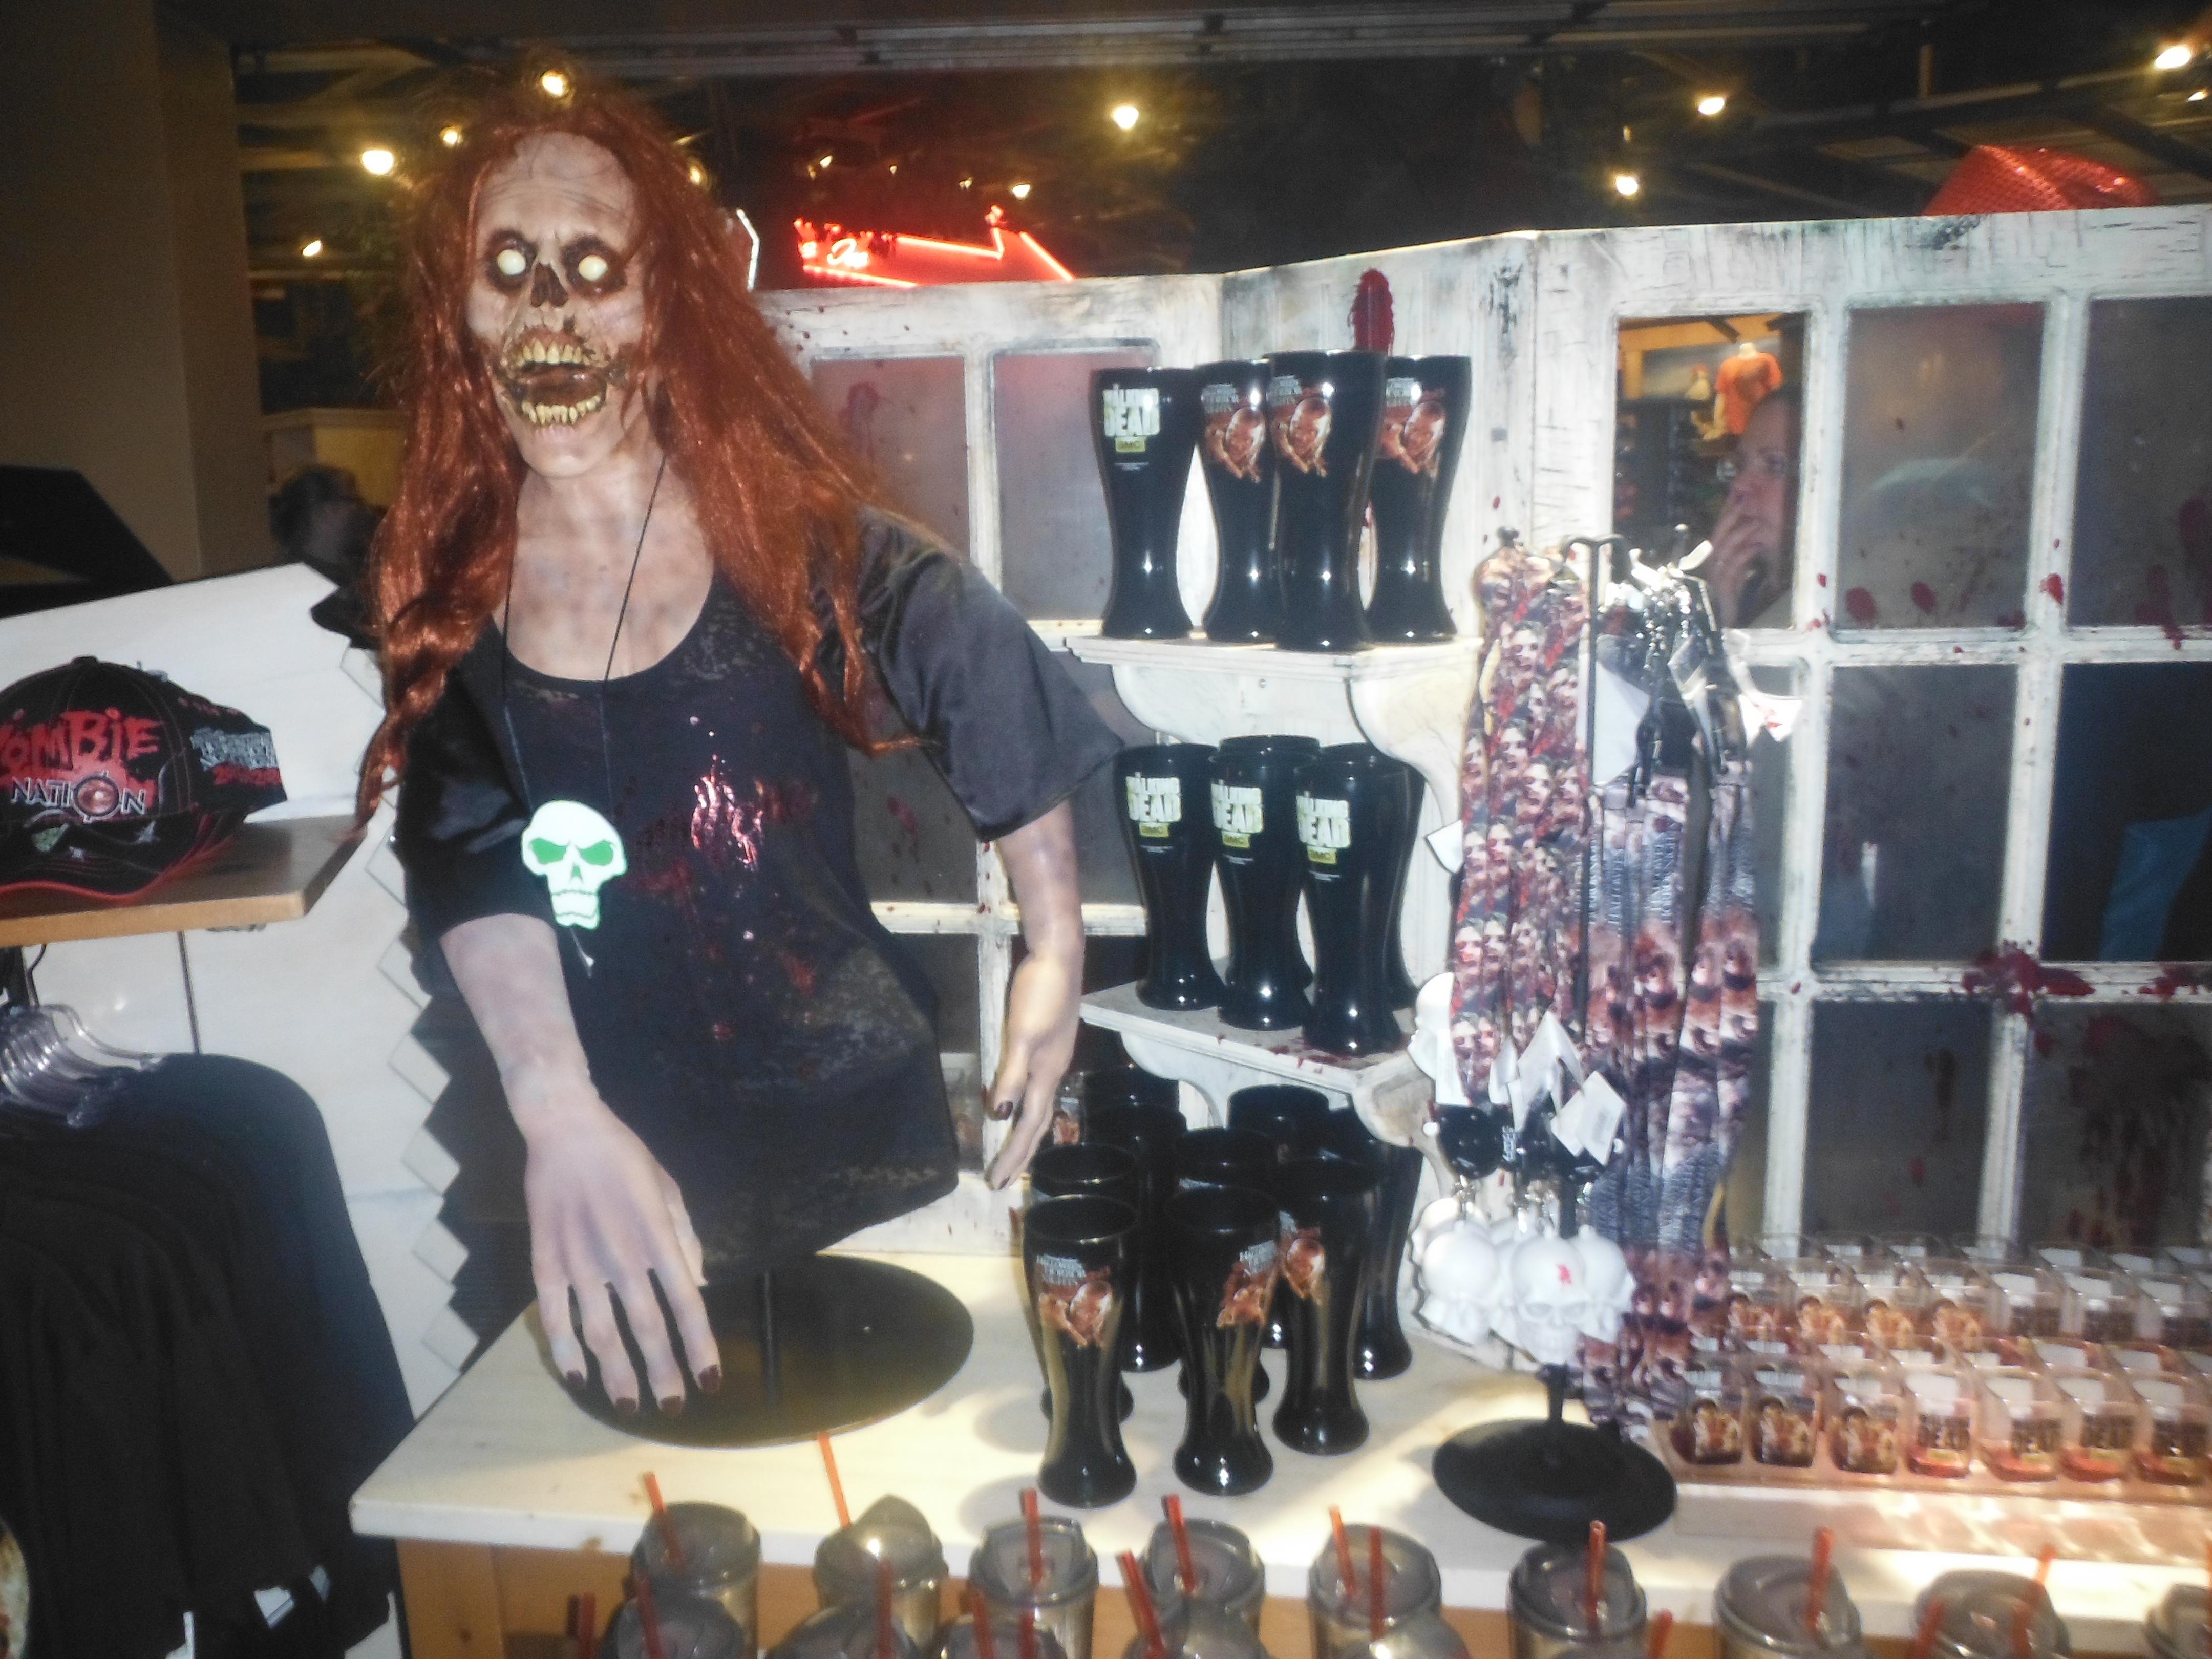 halloween horror nights, no safe zones - boonepubs